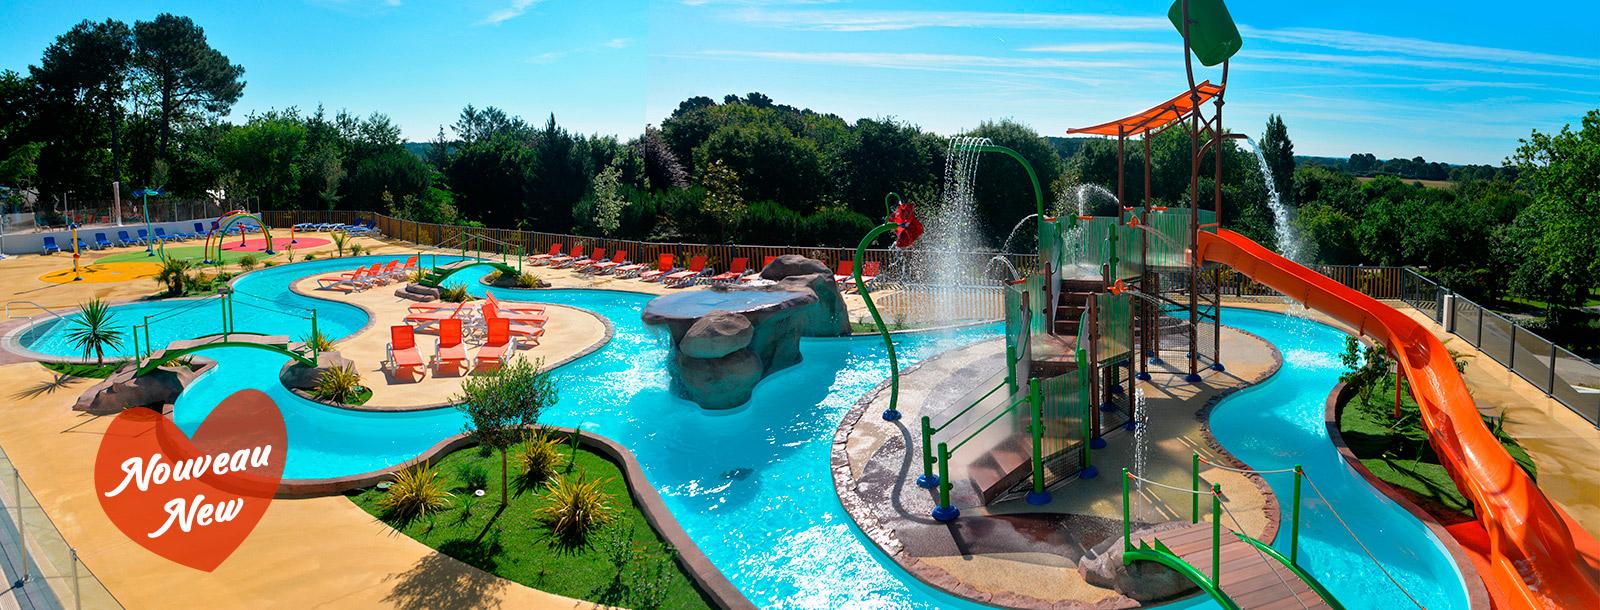 Le parc aquatique double sa surface pour des vacances inoubliables!